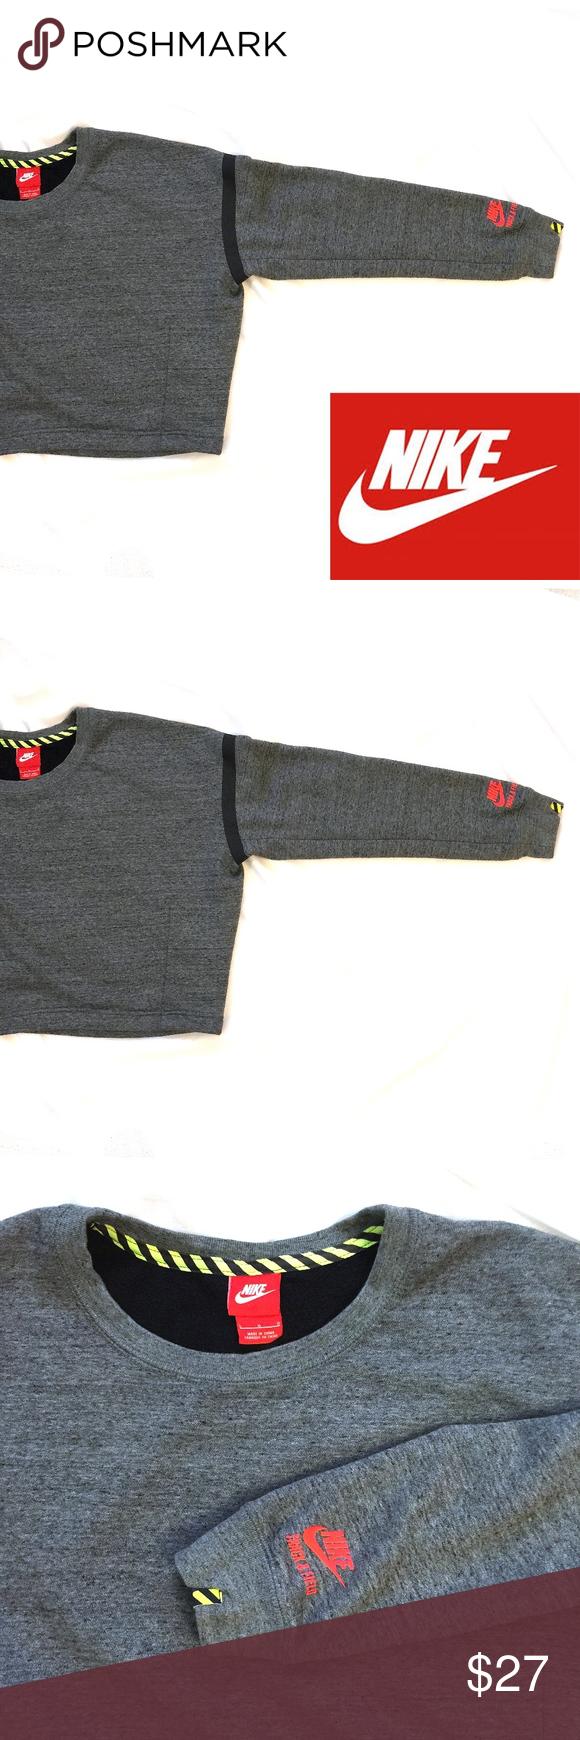 f17d9f5a65d4 Nike Track   Field Crop Crew Sweatshirt